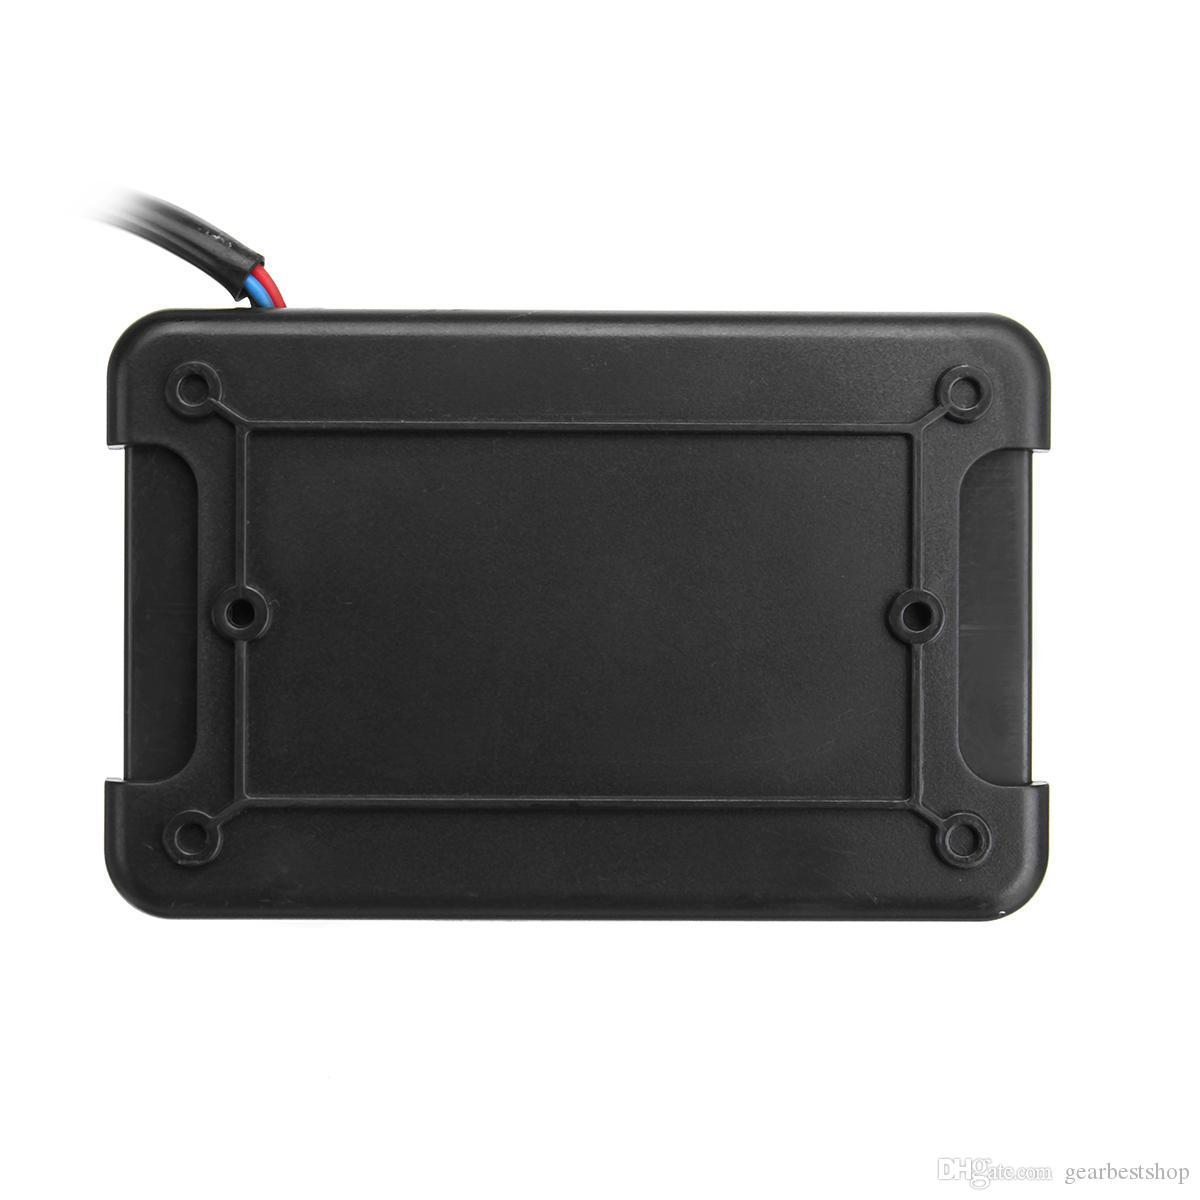 LCD-Auto-Switch 1224V 5kW Parken-Heizung-Controller für Car Track Air Diesel Heizung